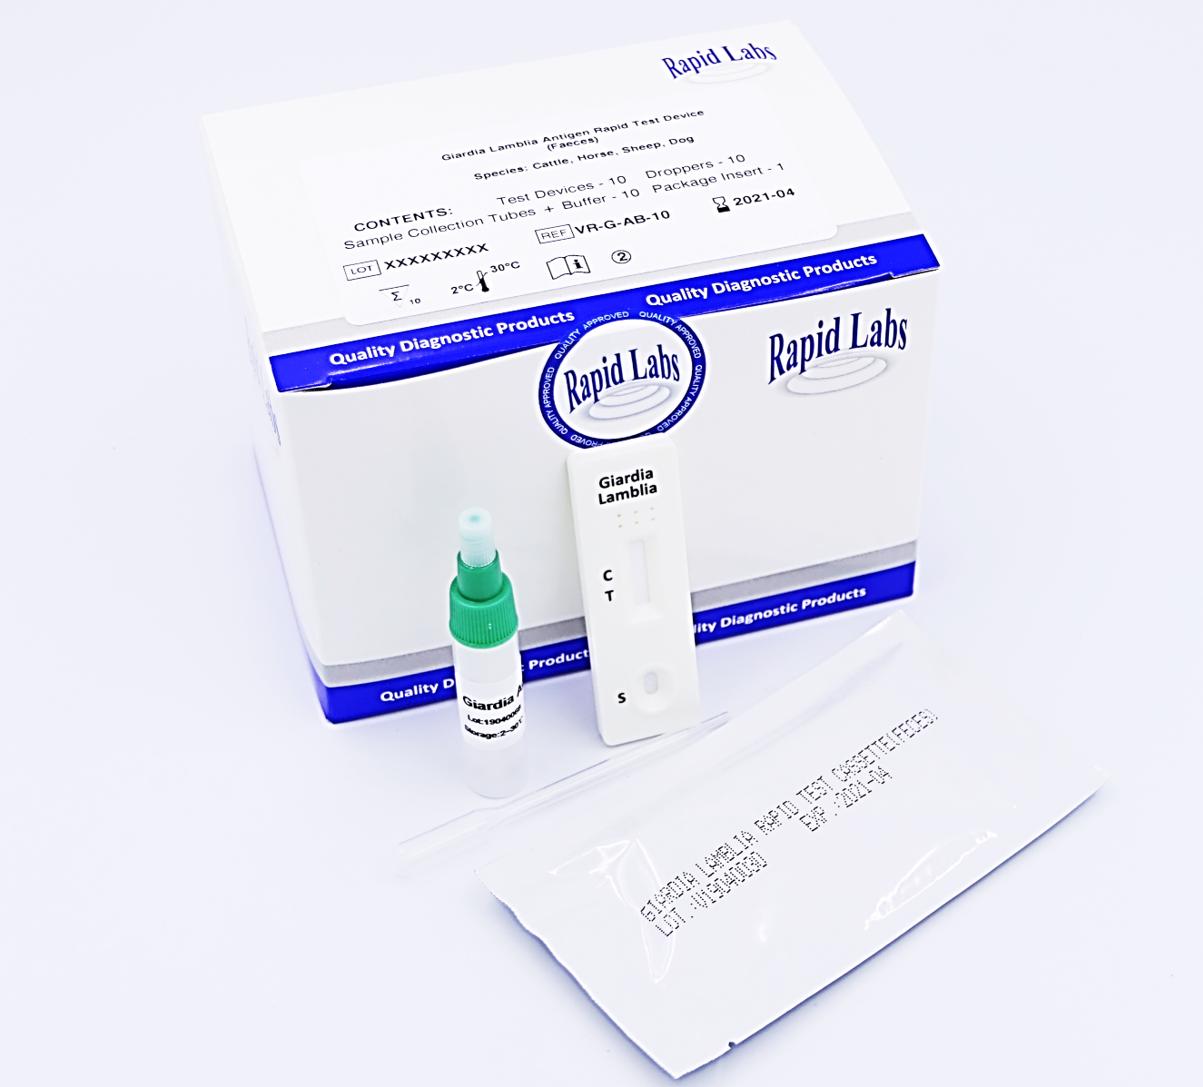 papillomavirus mannen